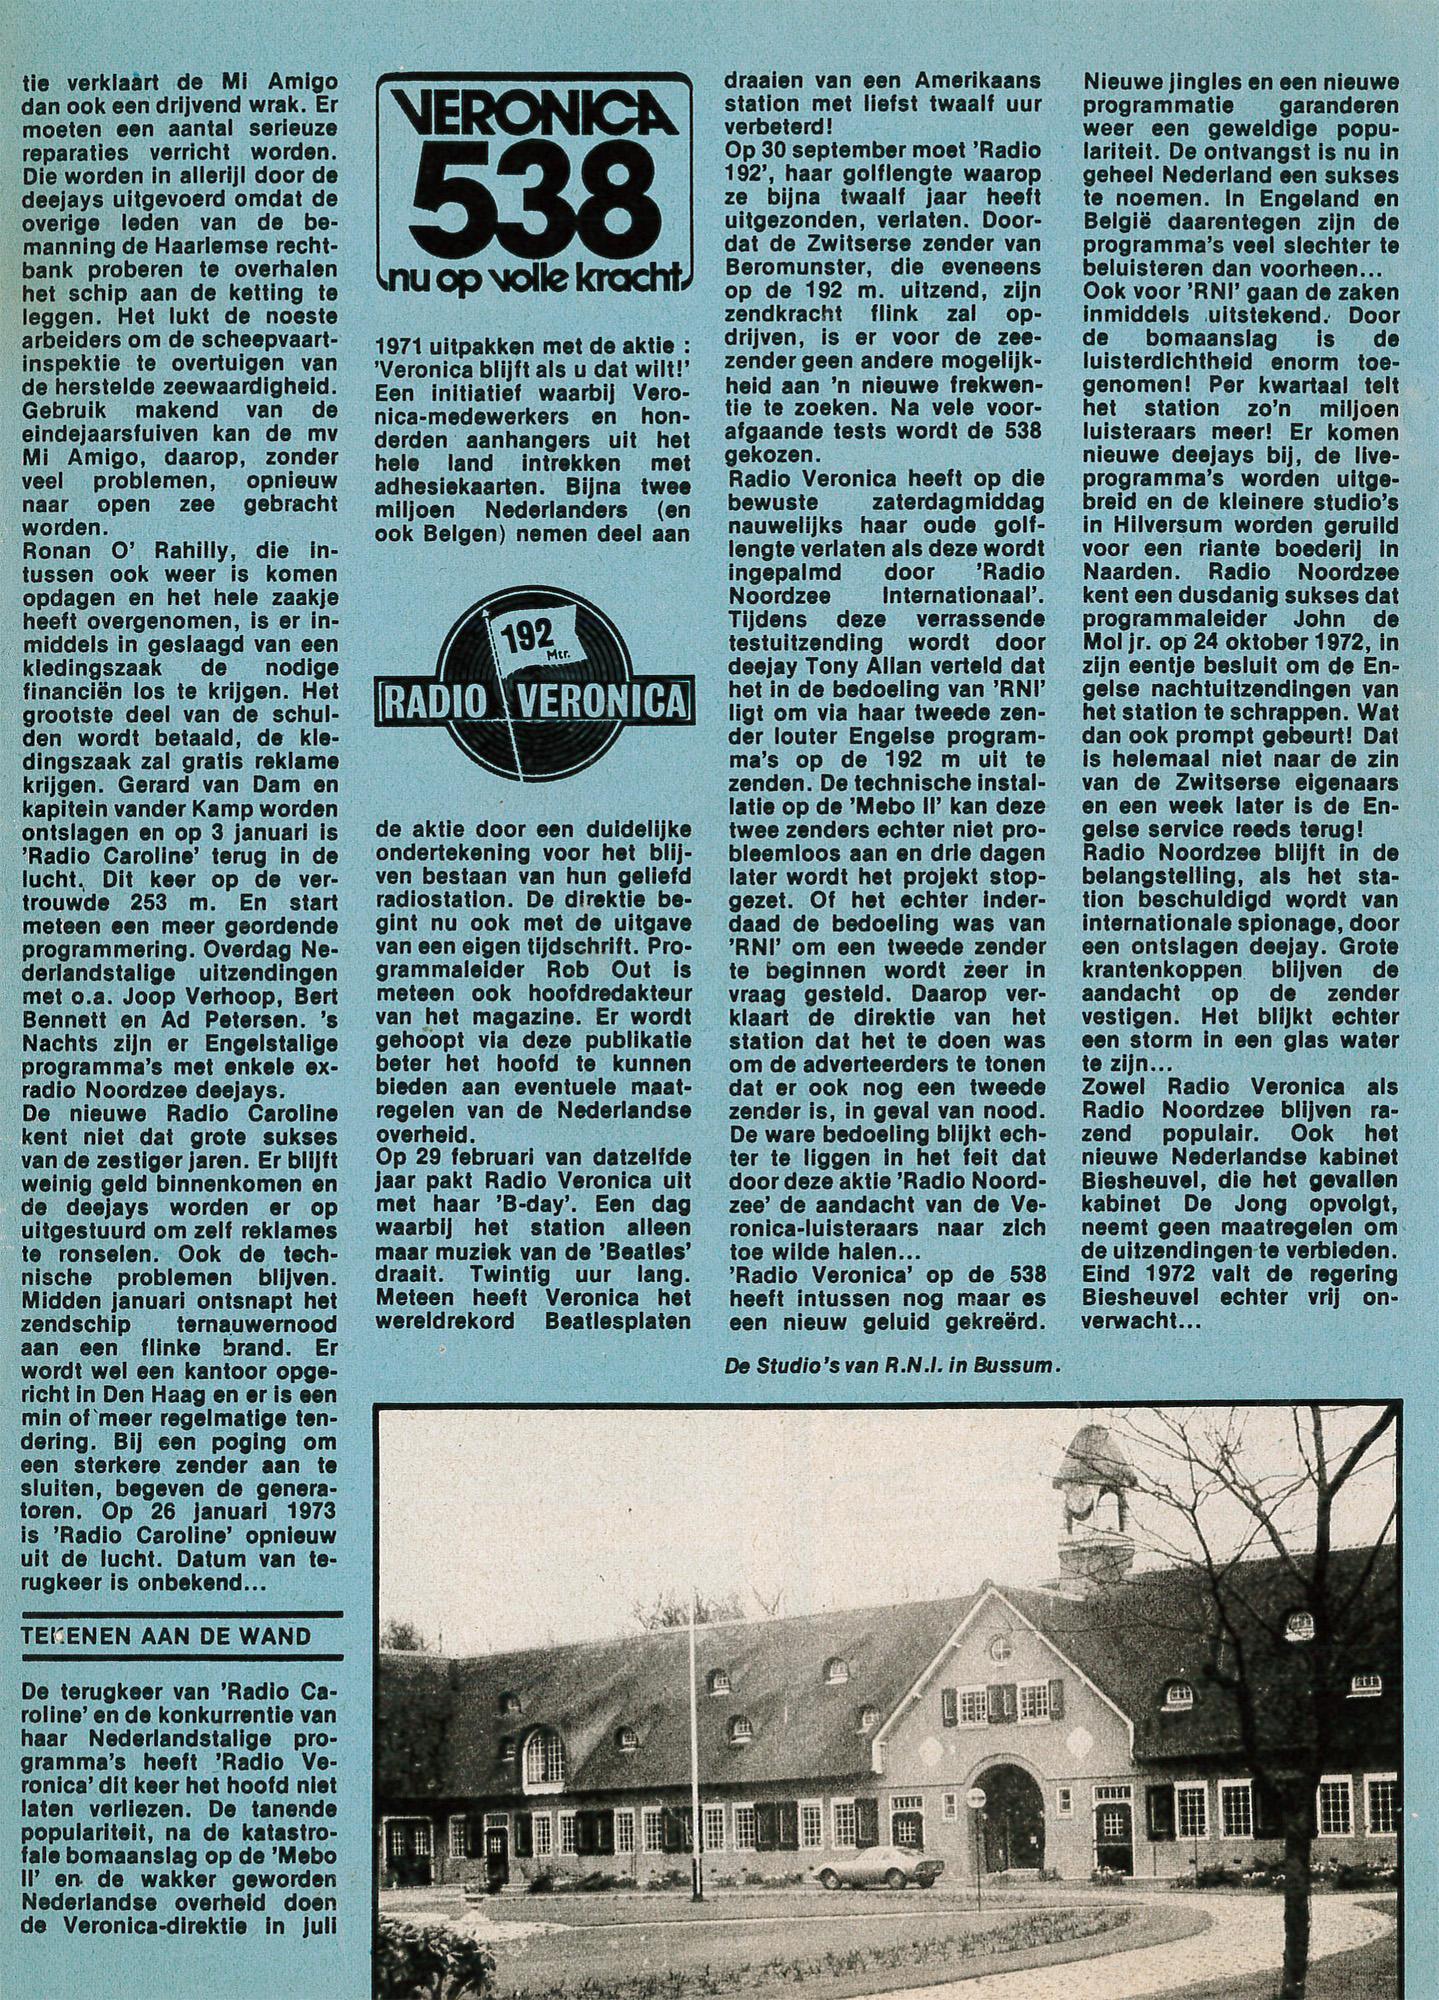 19781210 Joepie Bom jaagt overheid in het harnas 03.jpg